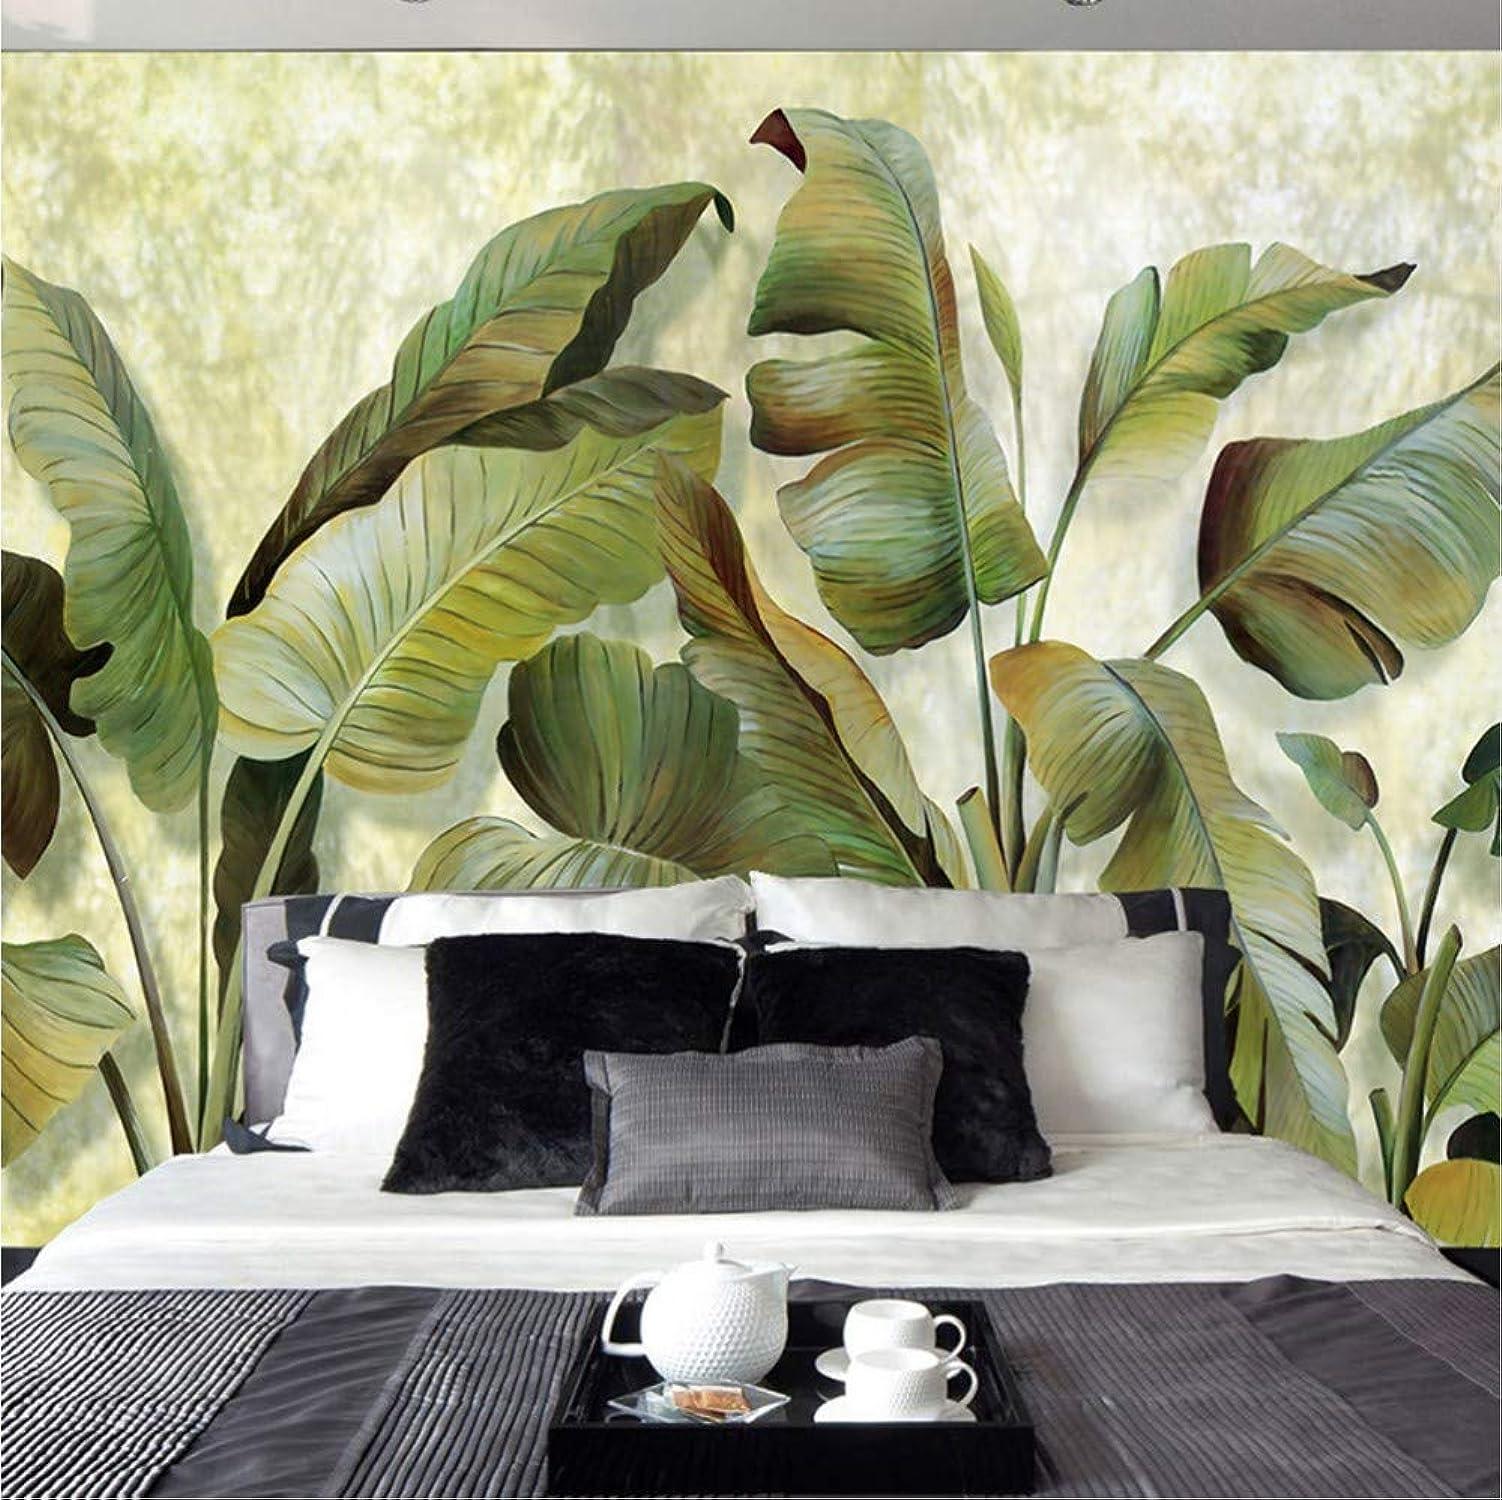 nuevo sádico Hlonl Papel Tapiz Mural Personalizado Sureste Asiático Hoja De De De Plátano verde Tropical Papel Tapiz Dormitorio Sala De Estar Fondo Decoración De Parojo Papel Tapiz-200X140CM  Hay más marcas de productos de alta calidad.